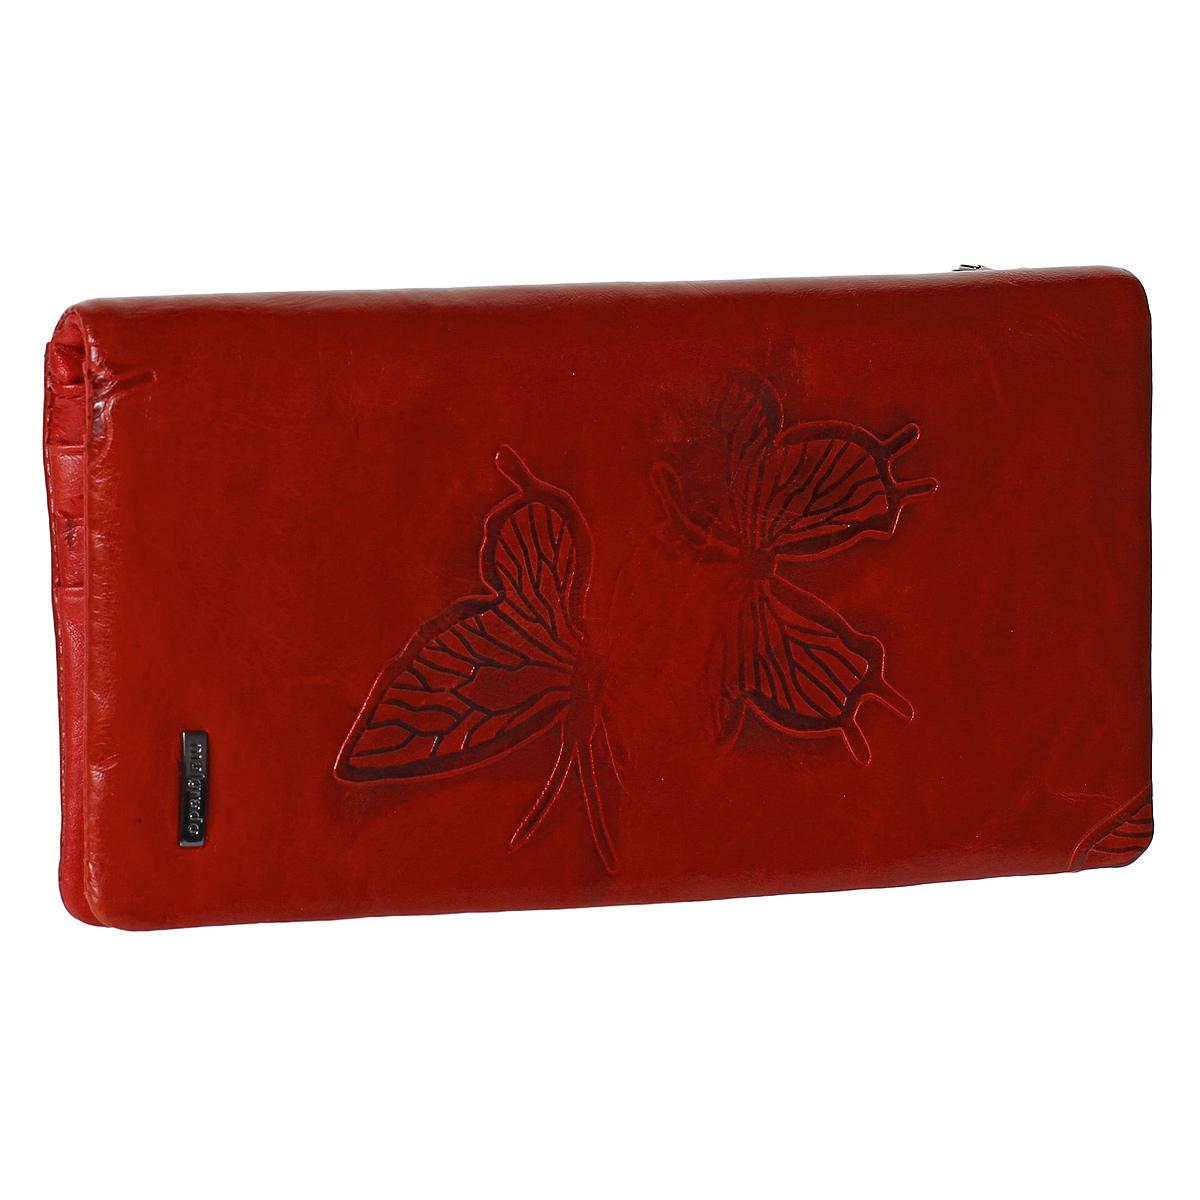 Кошелек женский Malgrado, цвет: красный. 73039M-7003D73039M-7003D RedКошелек Malgrado изготовлен из натуральной кожи красного цвета, оформленной тисненым изображением бабочек. Купюры вмещаются в полную длину. Закрывается кошелек на кнопку. Внутри расположено одно отделение для купюр, два потайных отделения для бумаг, прозрачное окошко для фотографии и 11 кармашков для пластиковых карт и визиток. С задней стороны содержится отделение на молнии для мелочи. Такой кошелек стильно дополнит ваш образ и станет незаменимым аксессуаром. Кошелек упакован в подарочную металлическую коробку синего цвета.